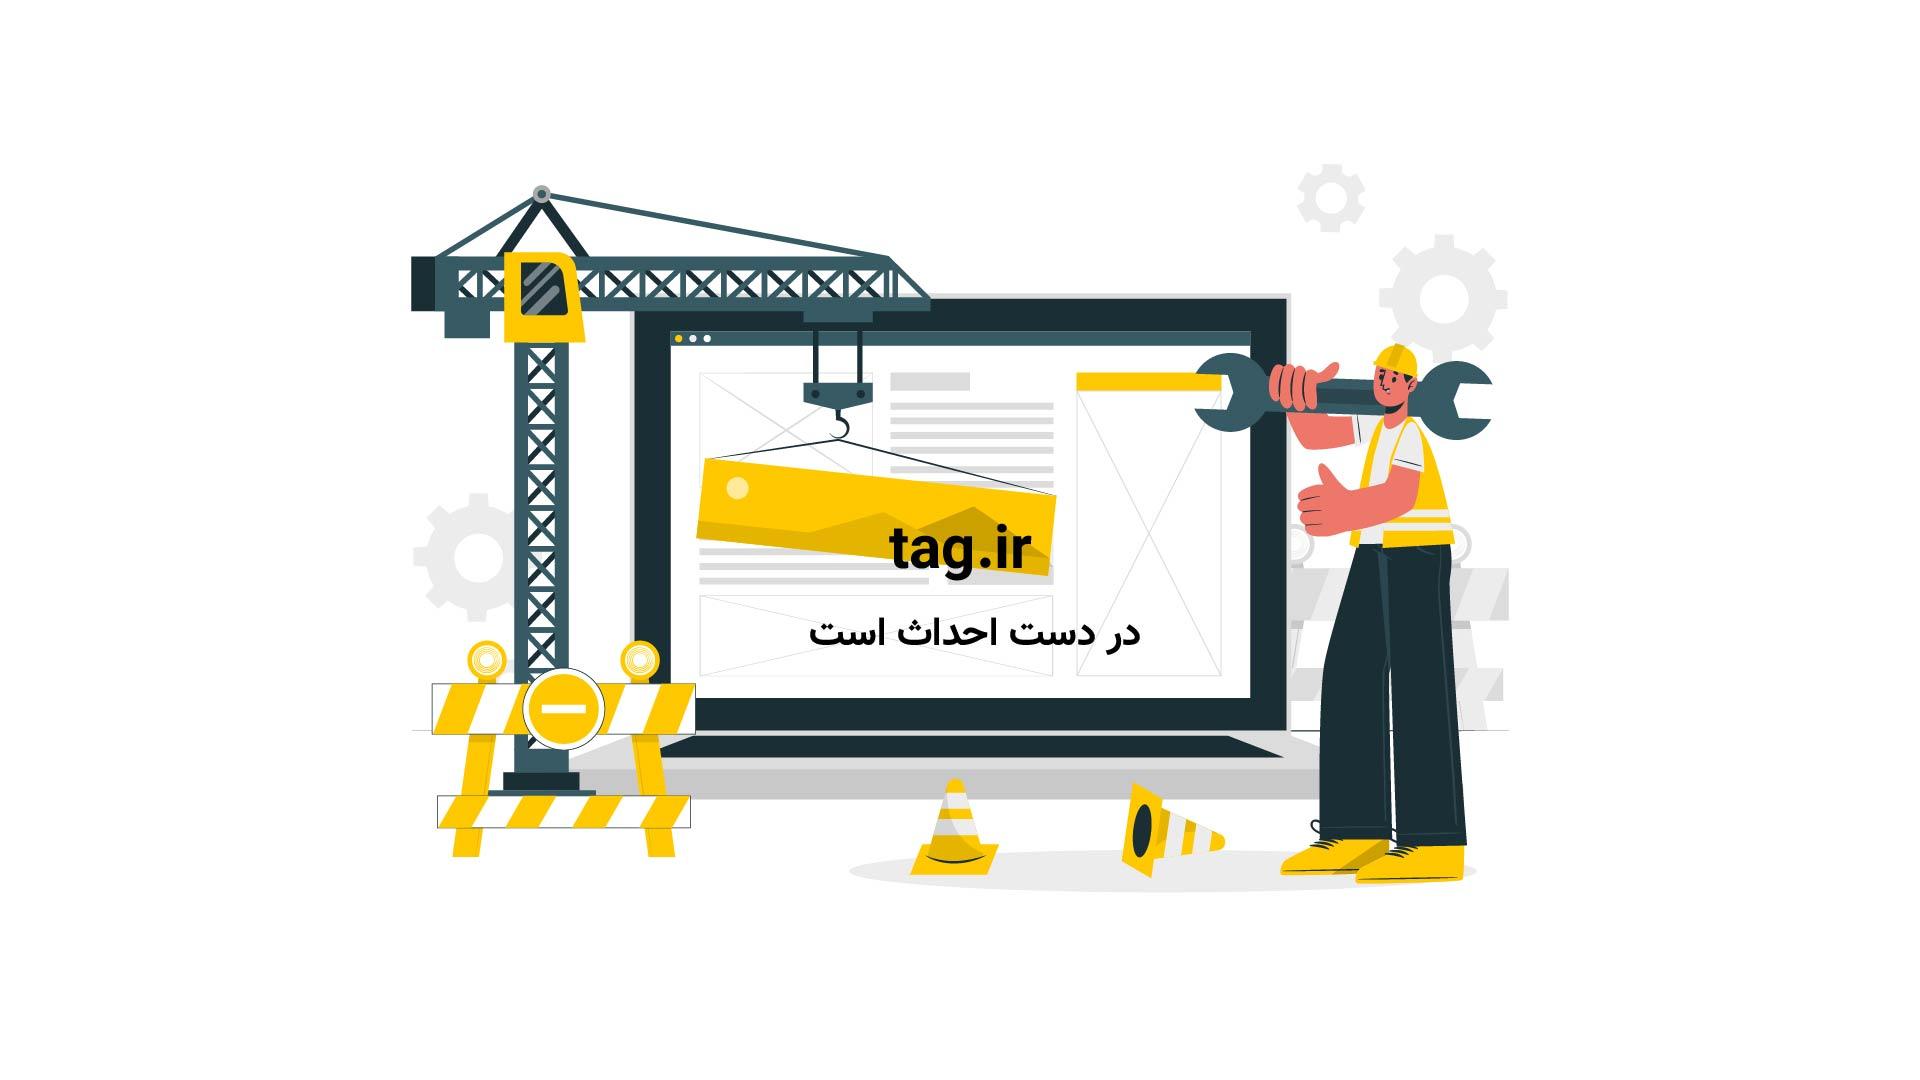 فرامین حق؛ اندرزهای امام صادق علیه السلام + فیلم